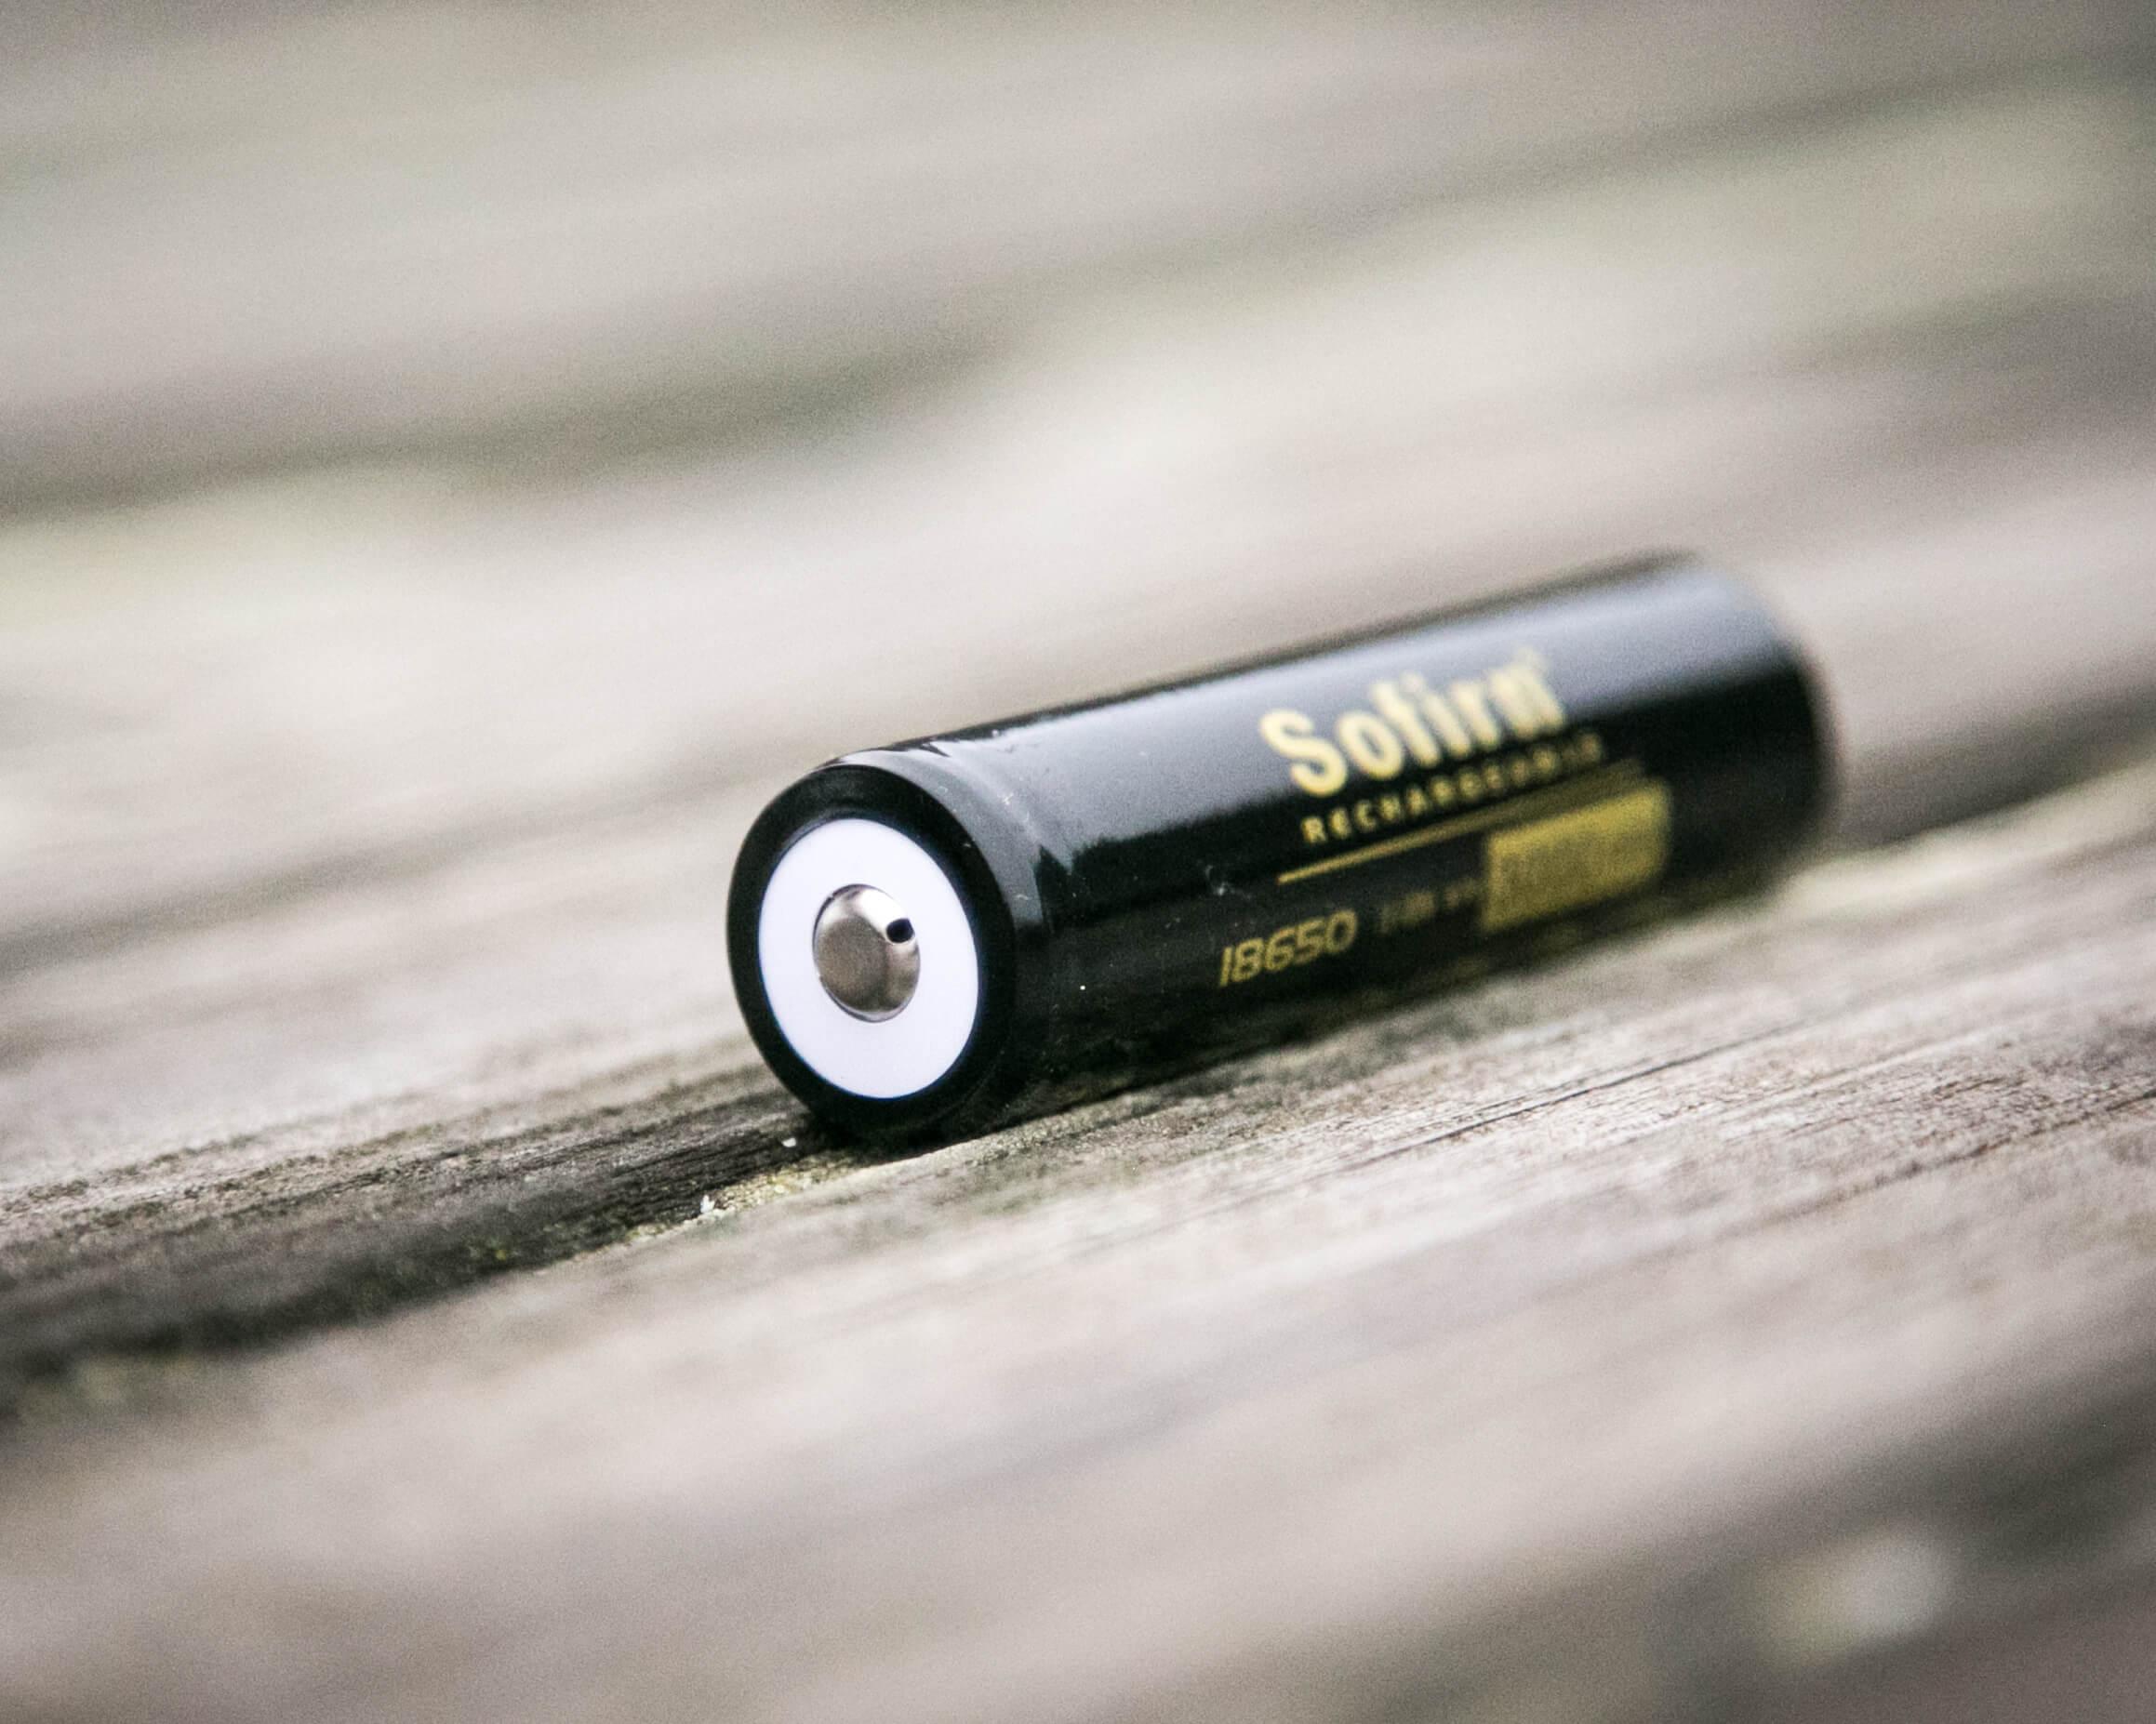 sofirn sp31uv ultraviolet 18650 flashlight sofirn 18650